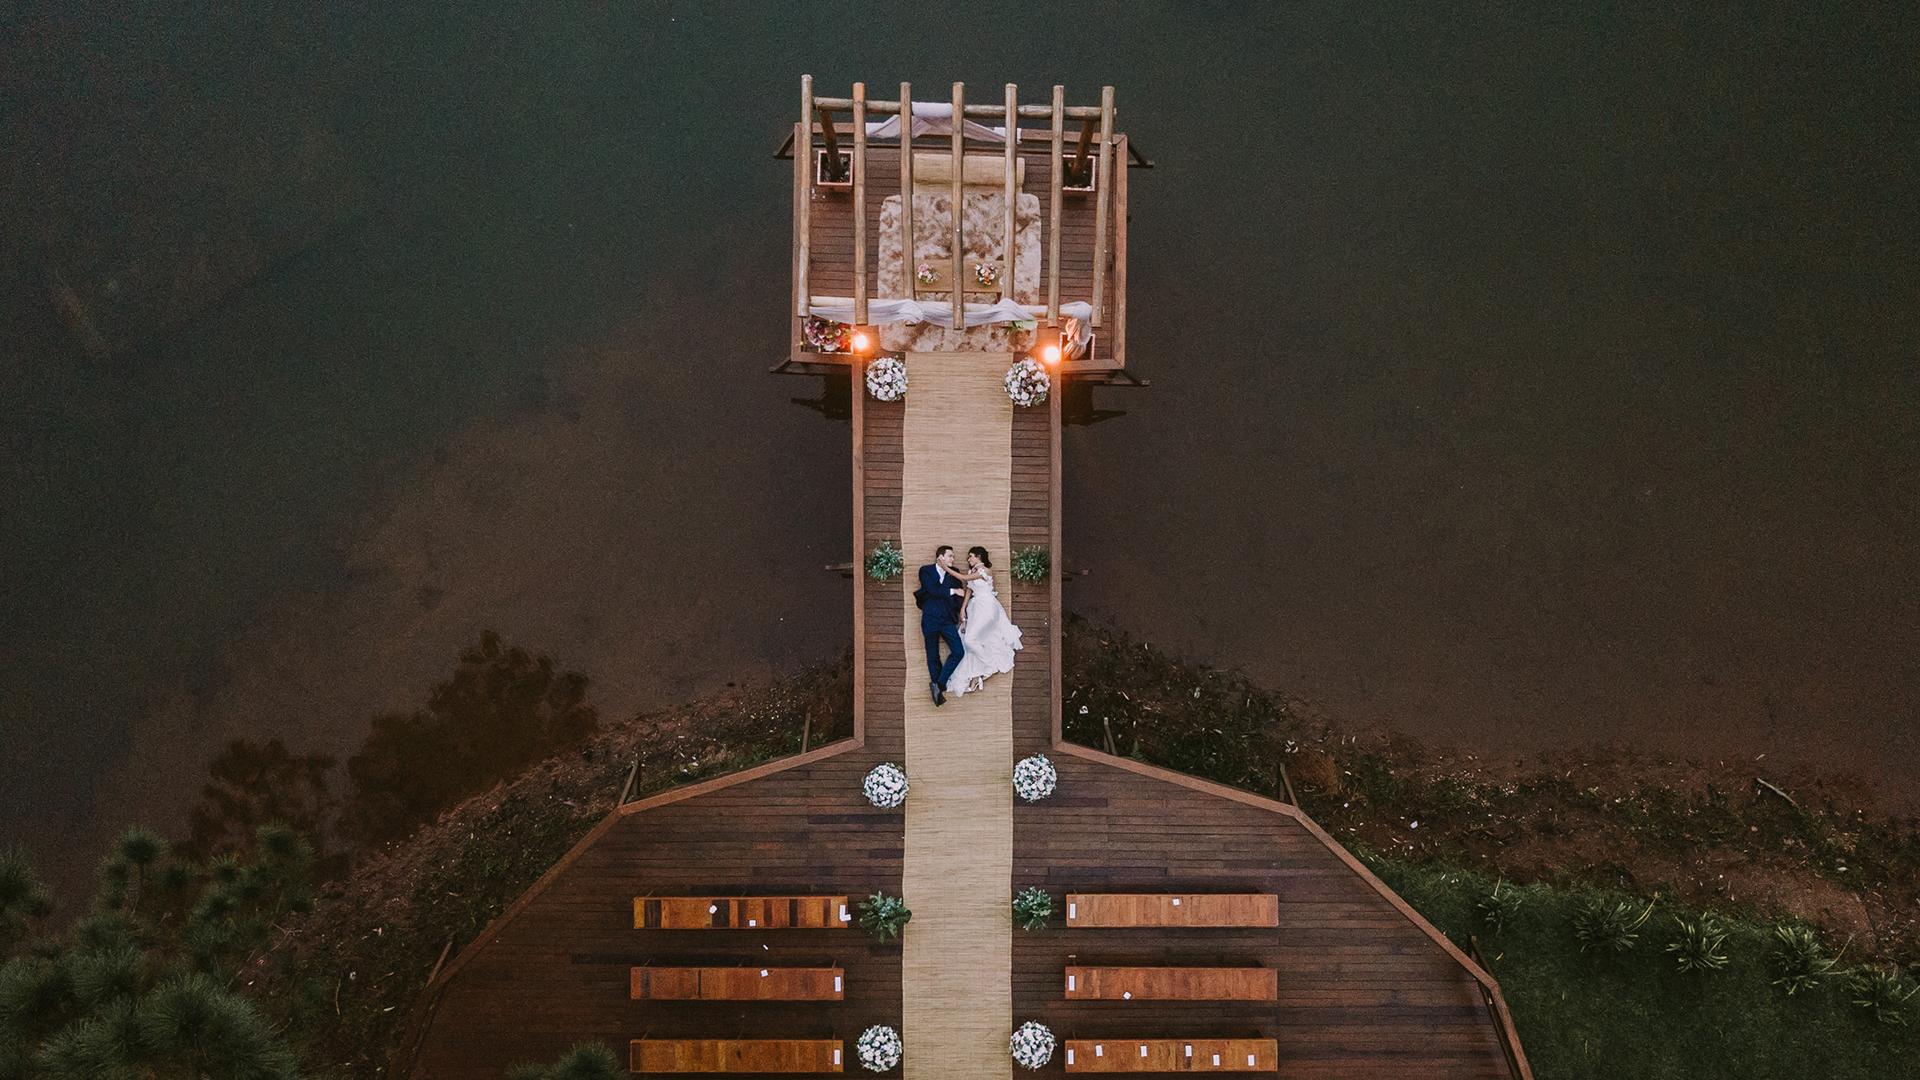 Contate Gustavo Sguissardi | Fotografo de Casamento e momentos felizes